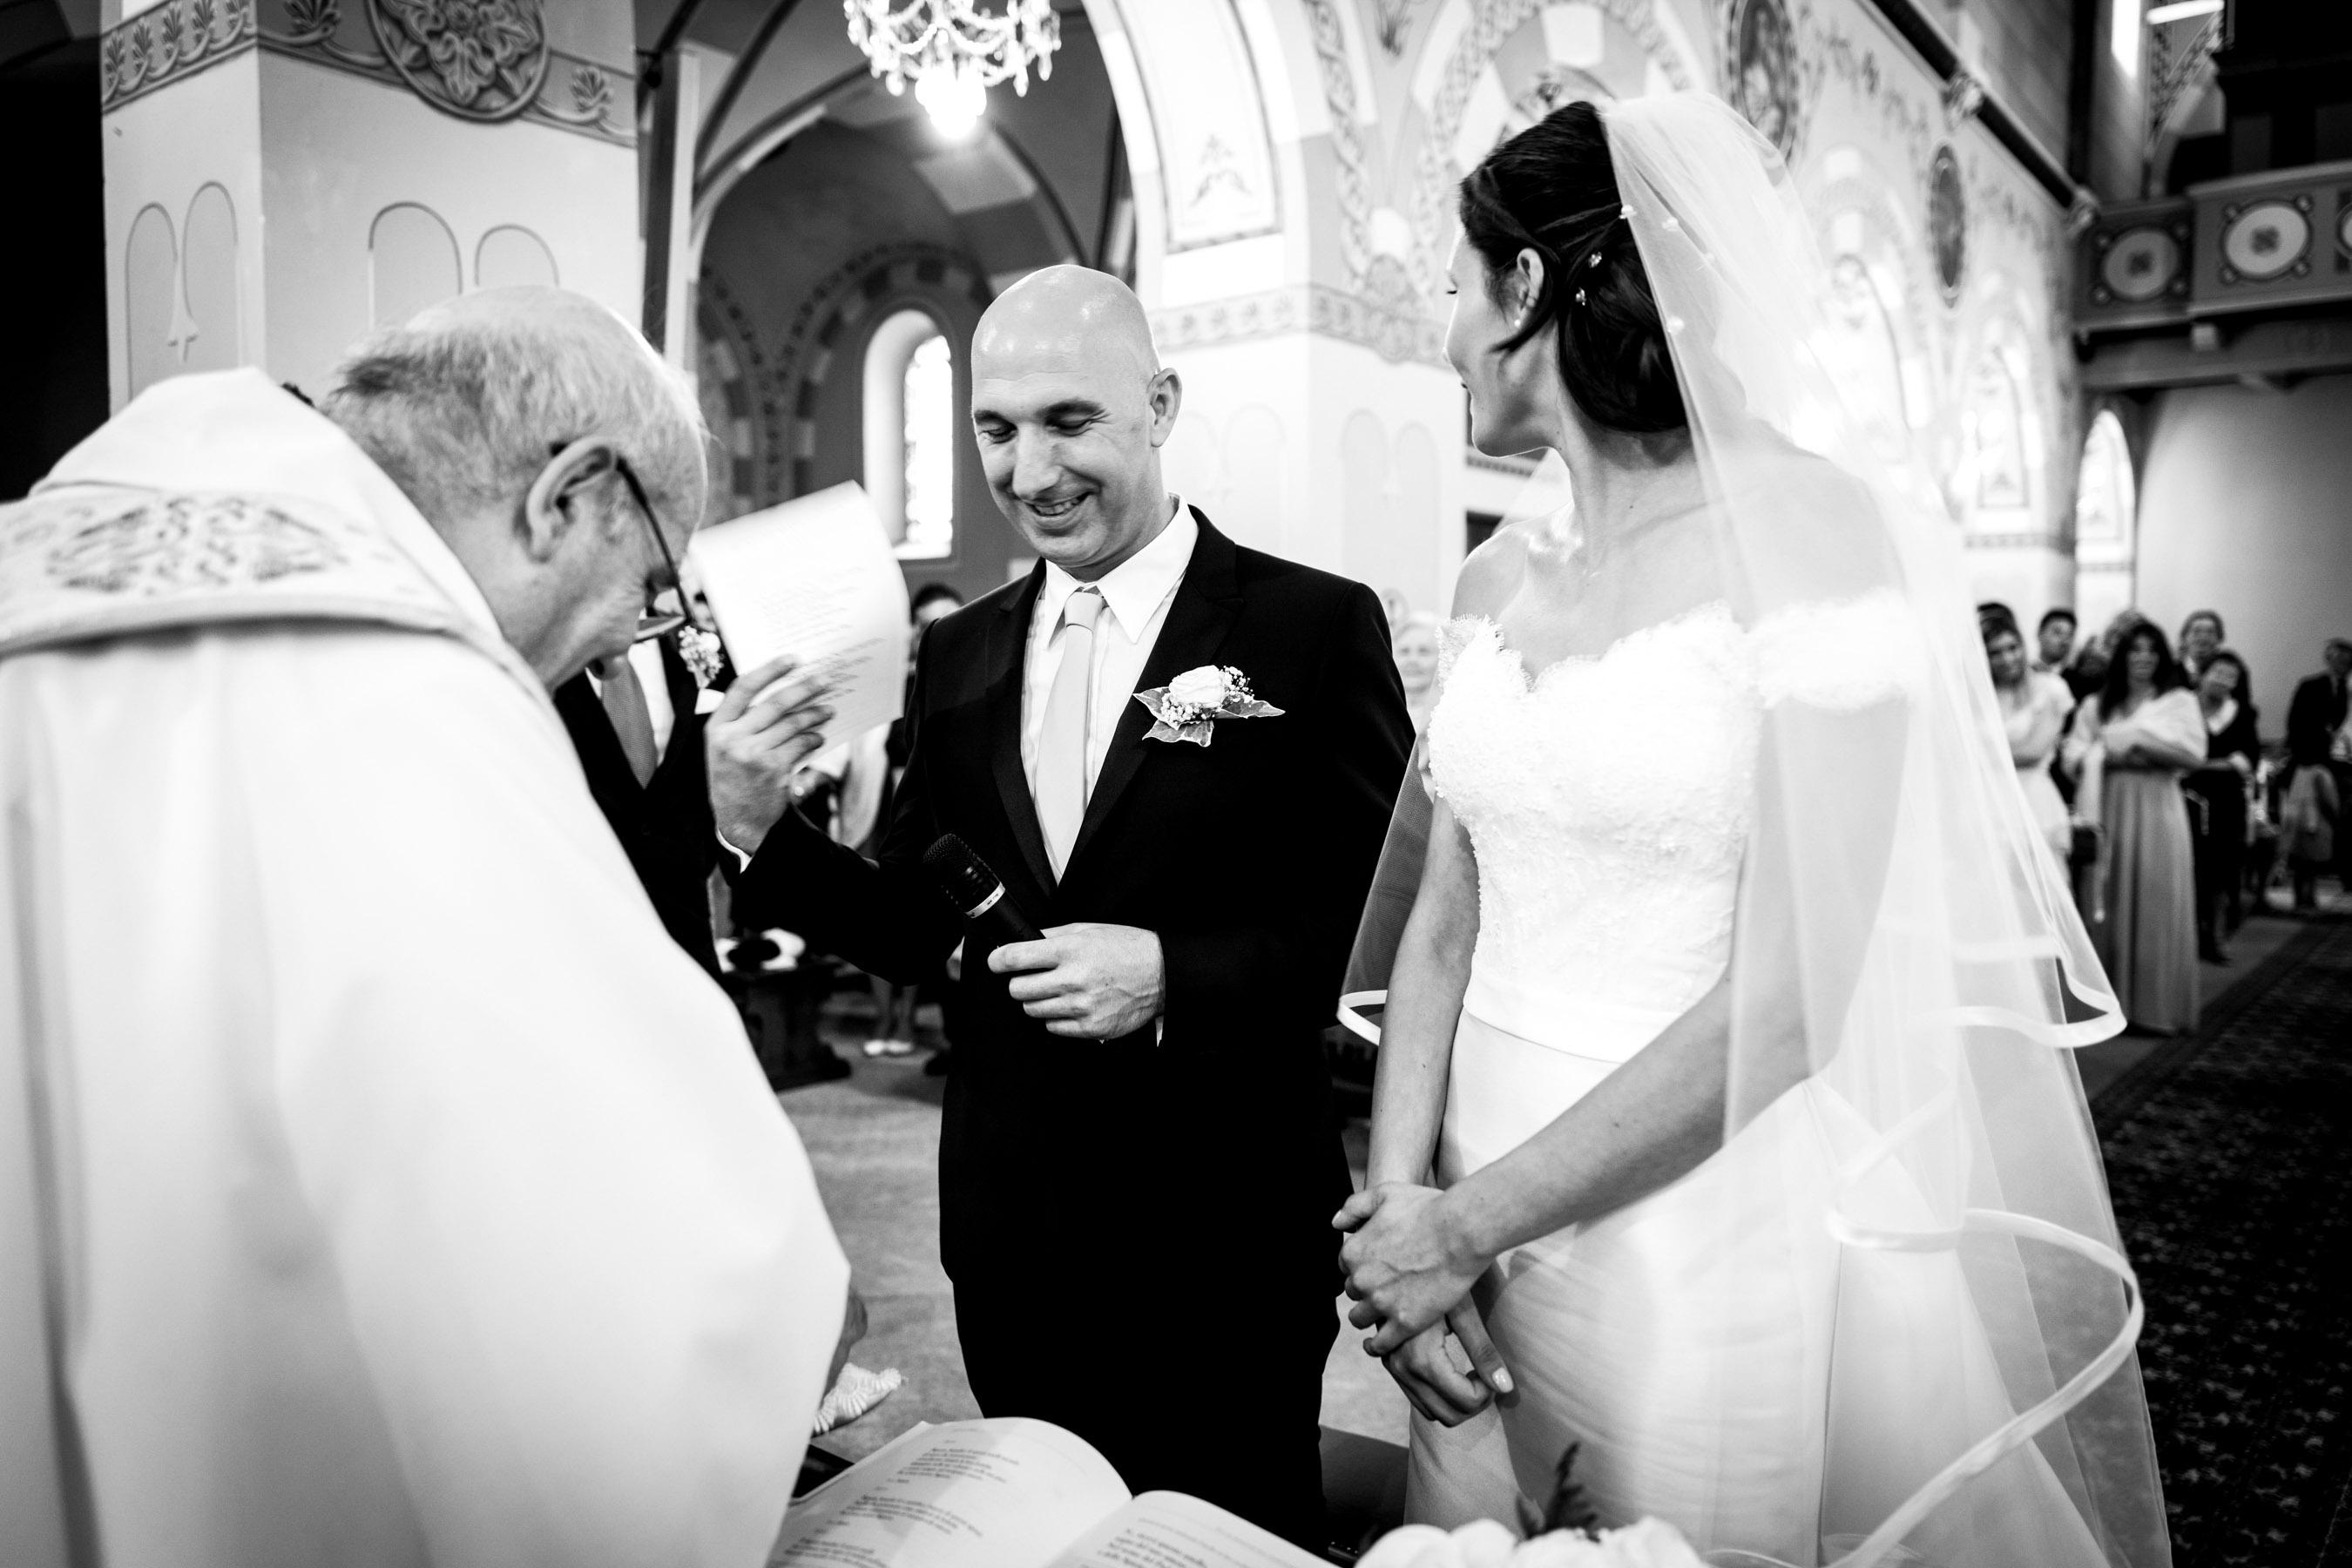 art foto_torino_monica sica photography_la vià _cavour_ fotografo matrimonio_torino-29